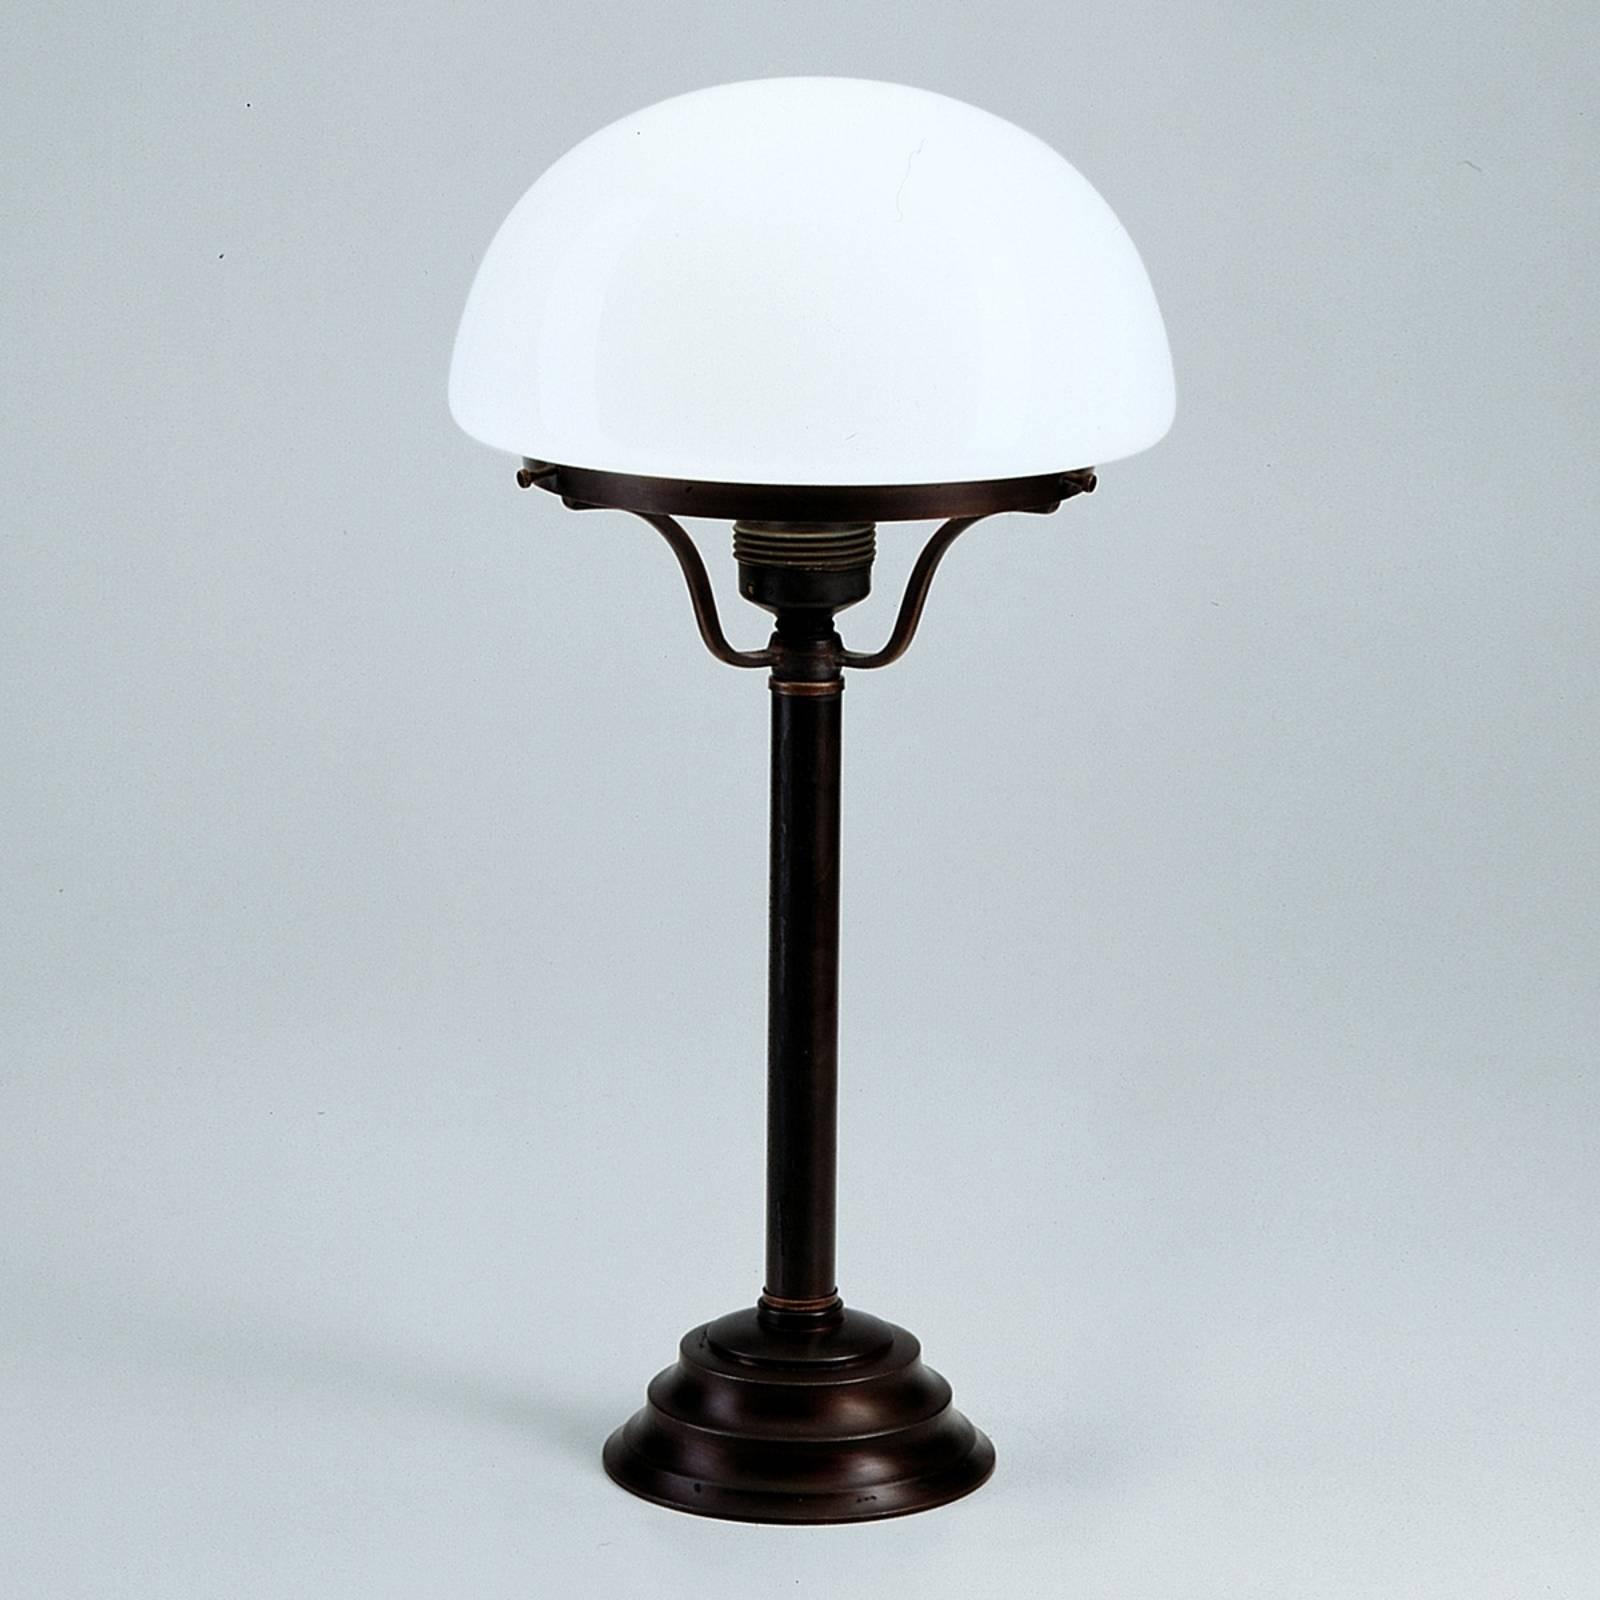 Tafellamp Frank met antiek-rustiek uiterlijk